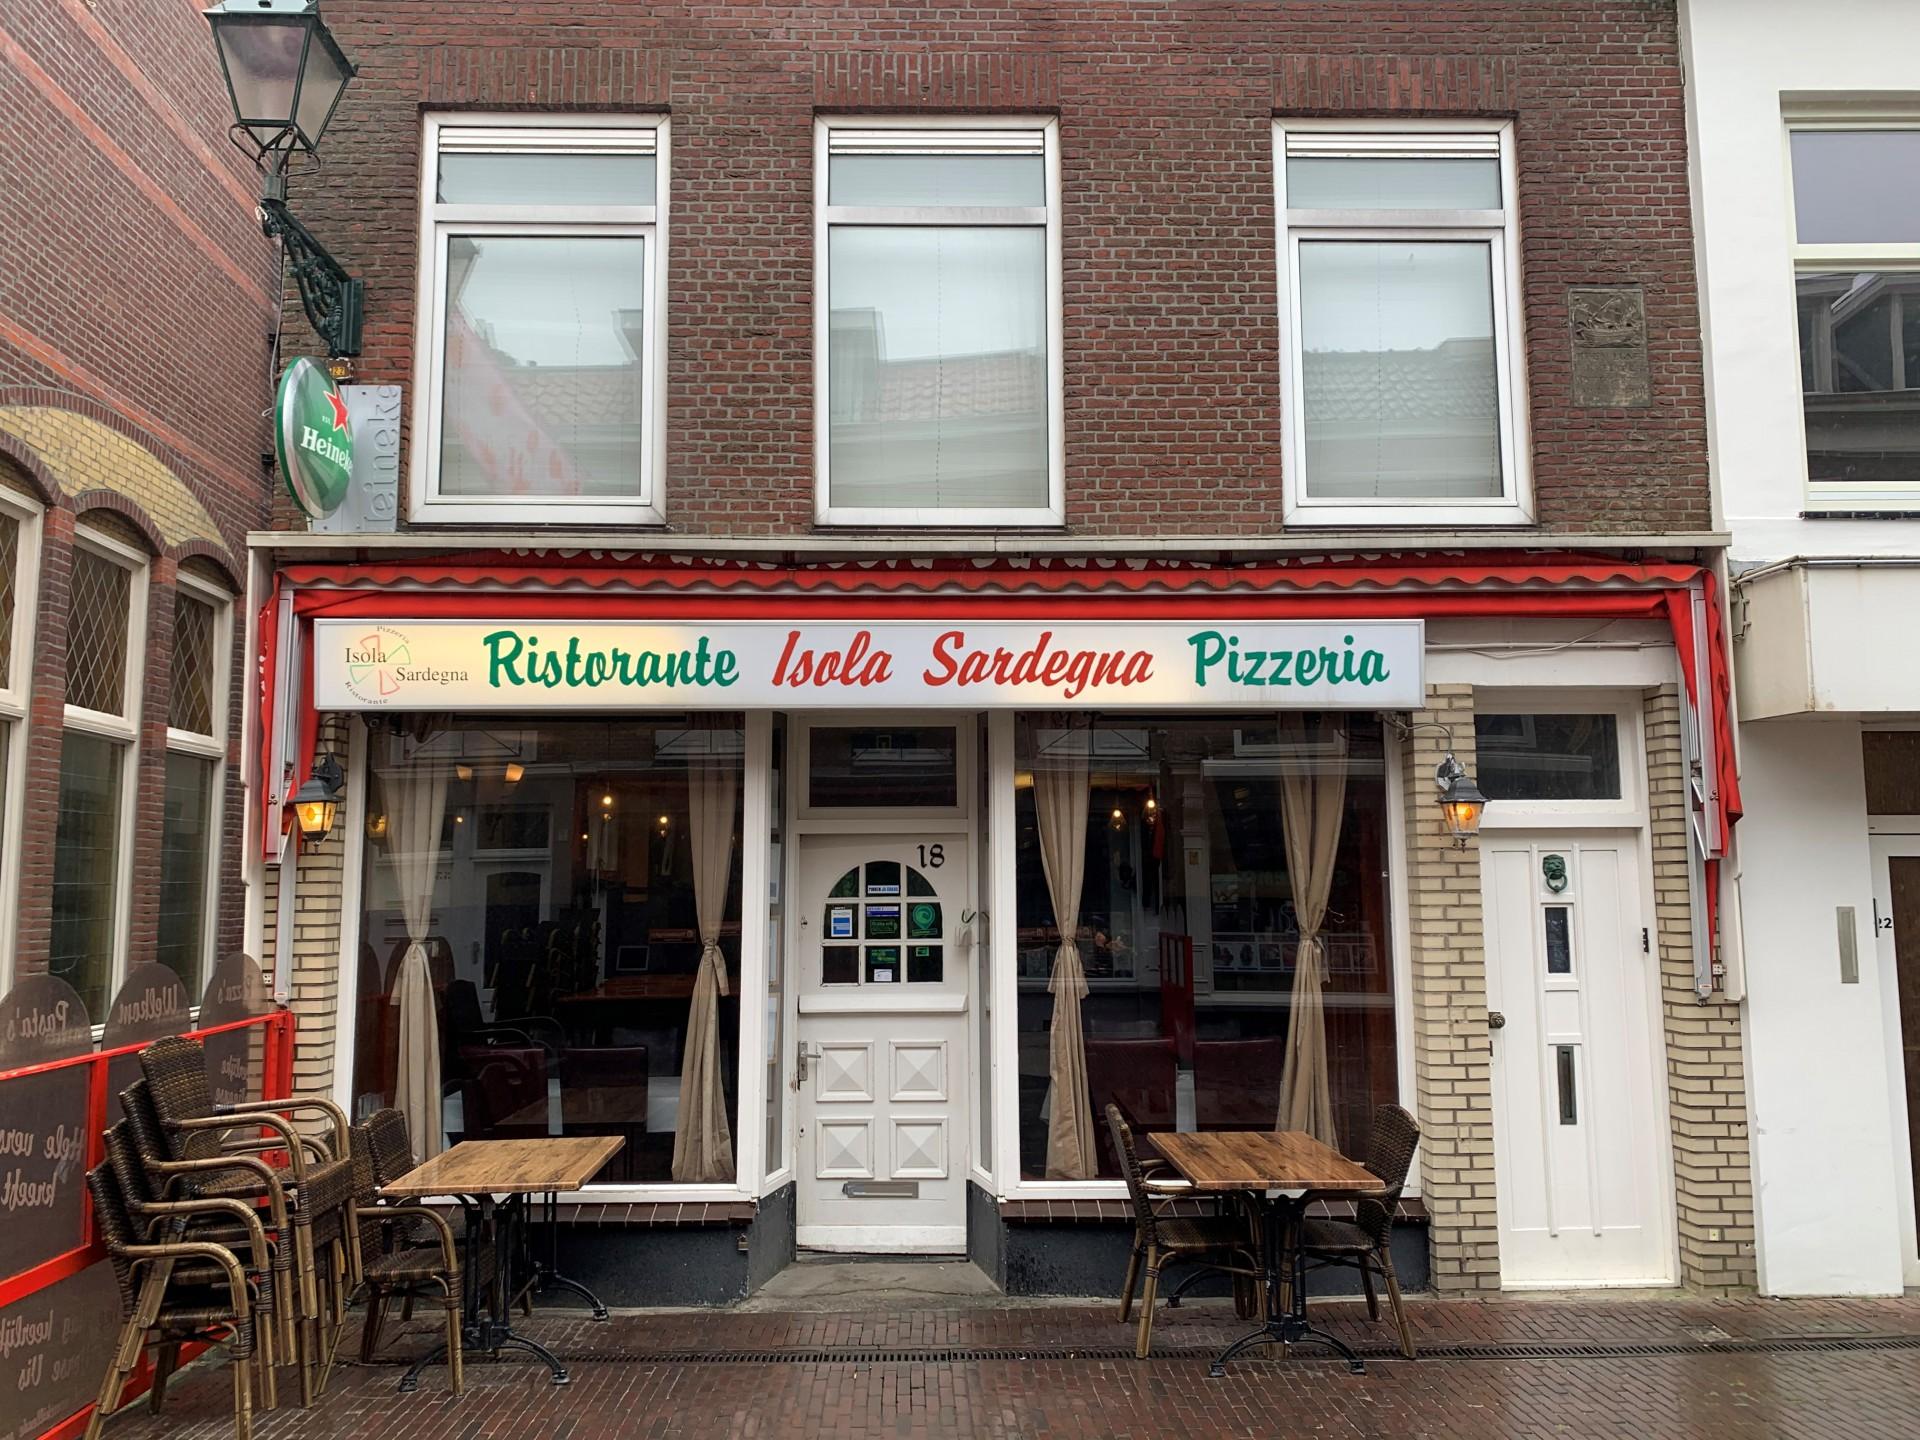 Isola Sardegna Restaurant